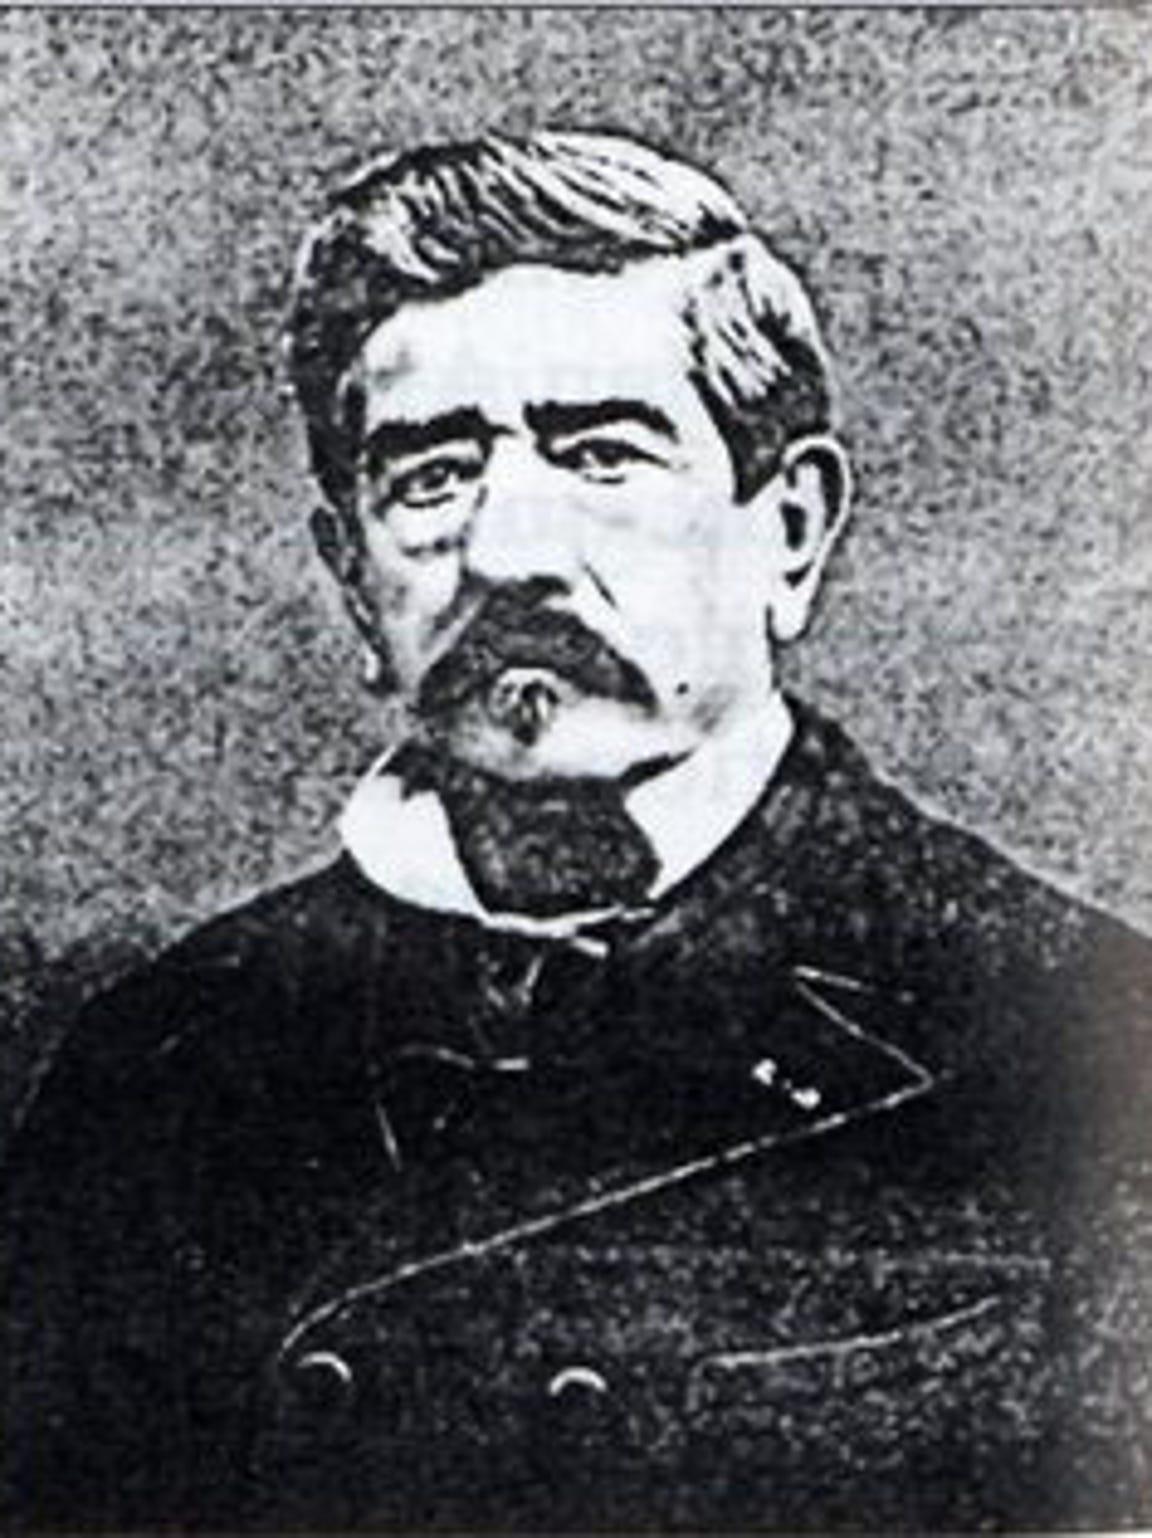 A portrait of Gaetan Picon the inventor of Amer Picon,